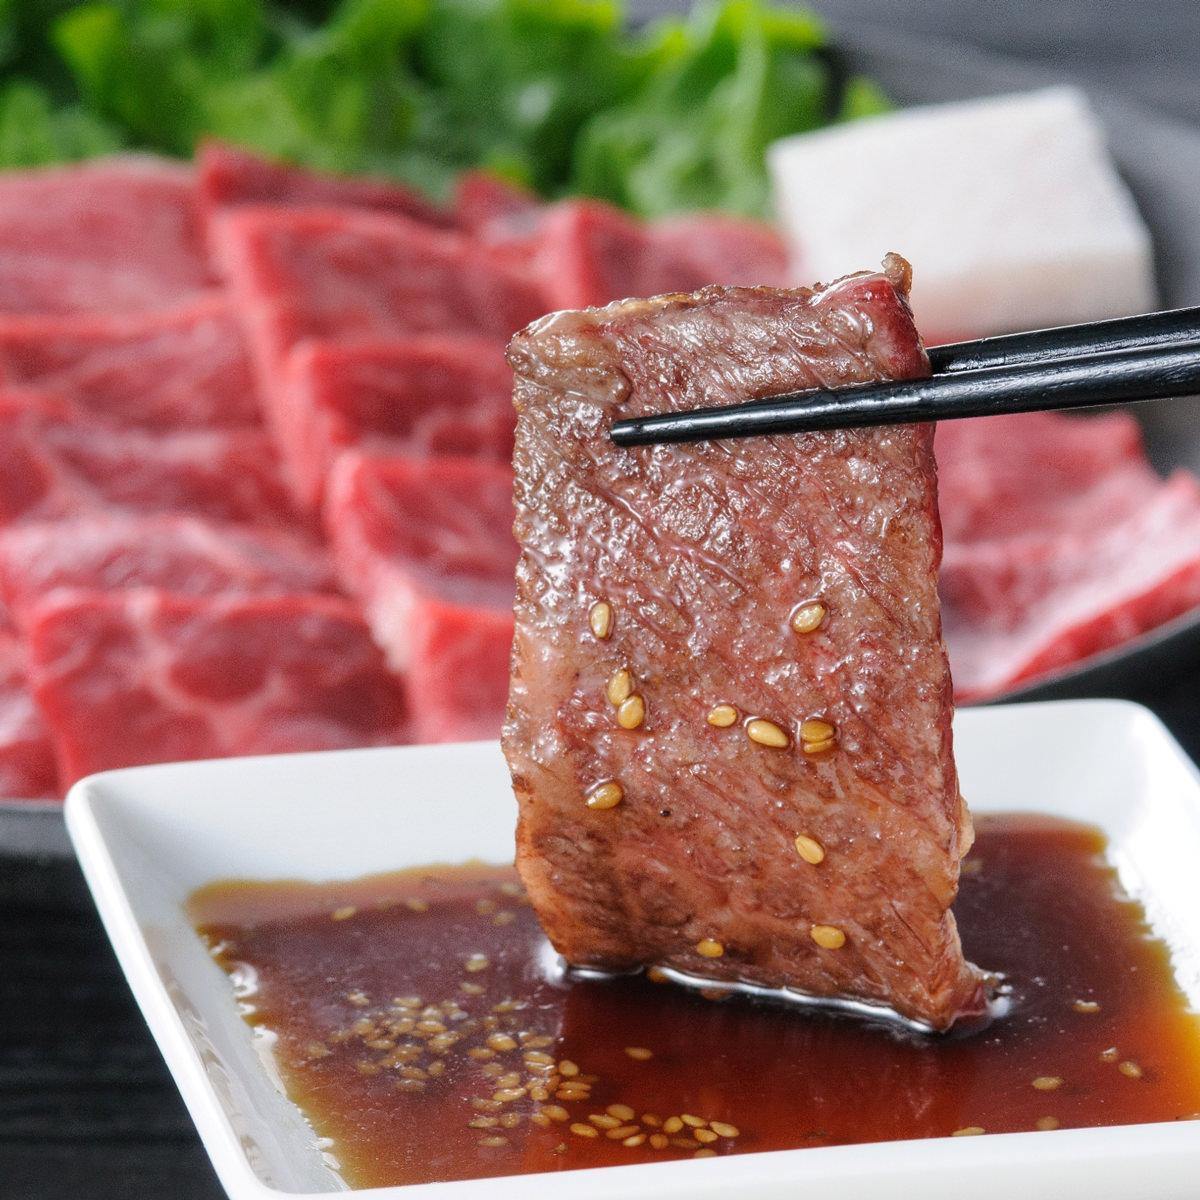 高橋畜産食肉 ブランド和牛 山形牛焼き肉セット 3種盛り550g〔バラ200g・モモまたは肩肉200g・ロース150g〕